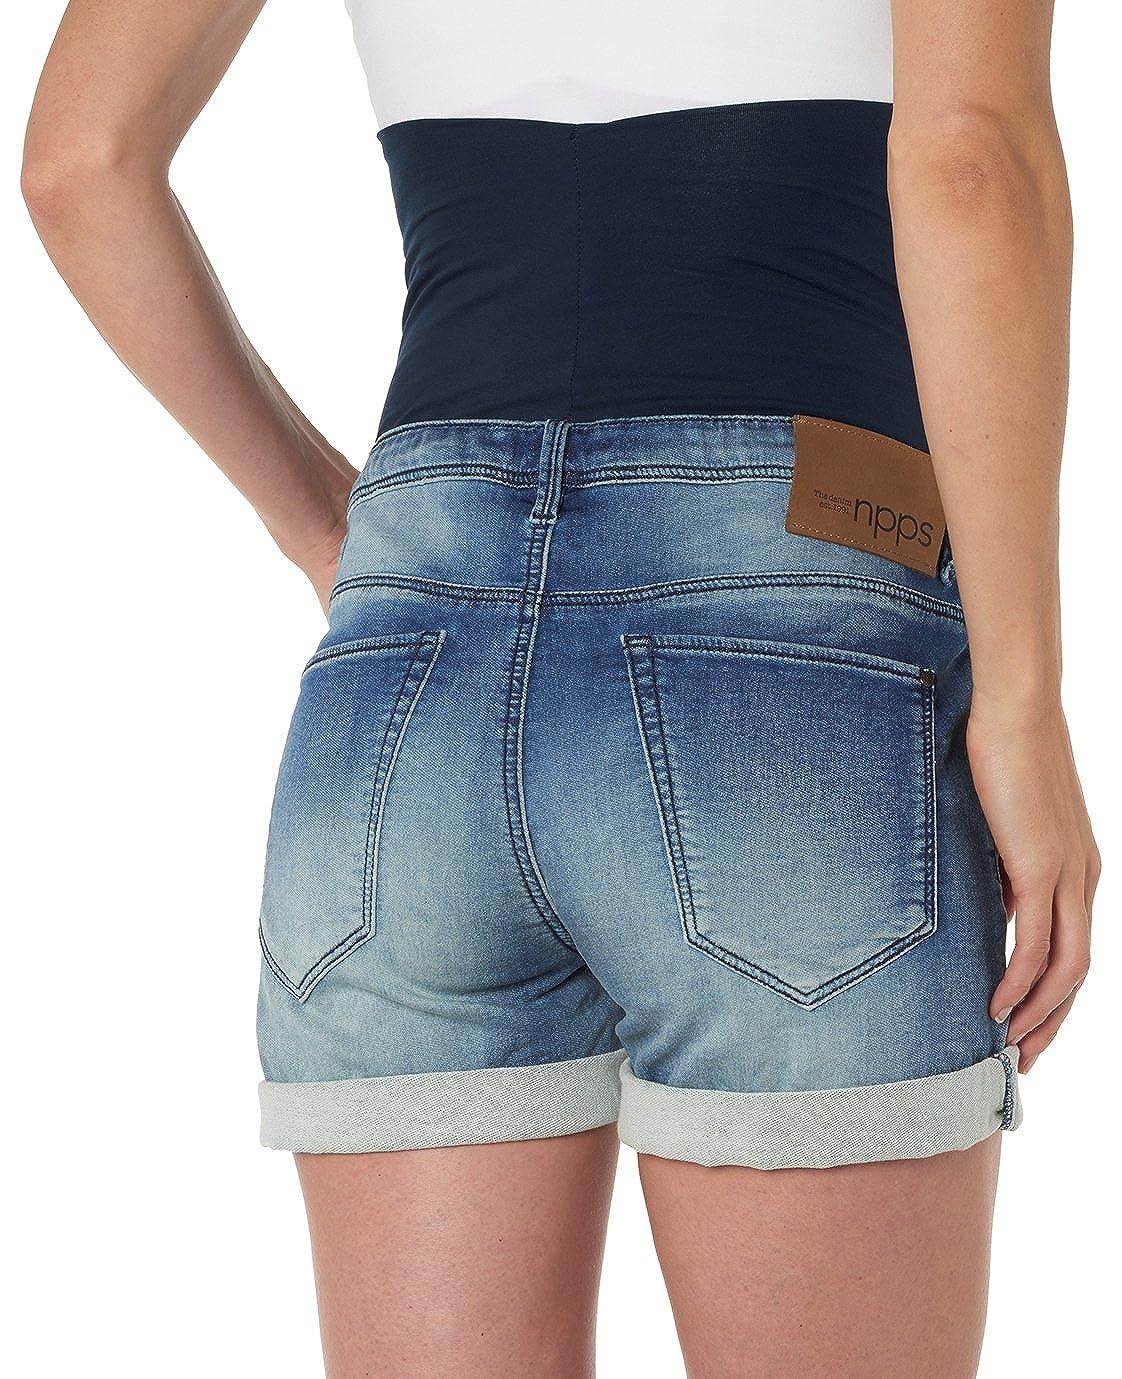 Noppies Damen Umstands Shorts denim OTB Jazz